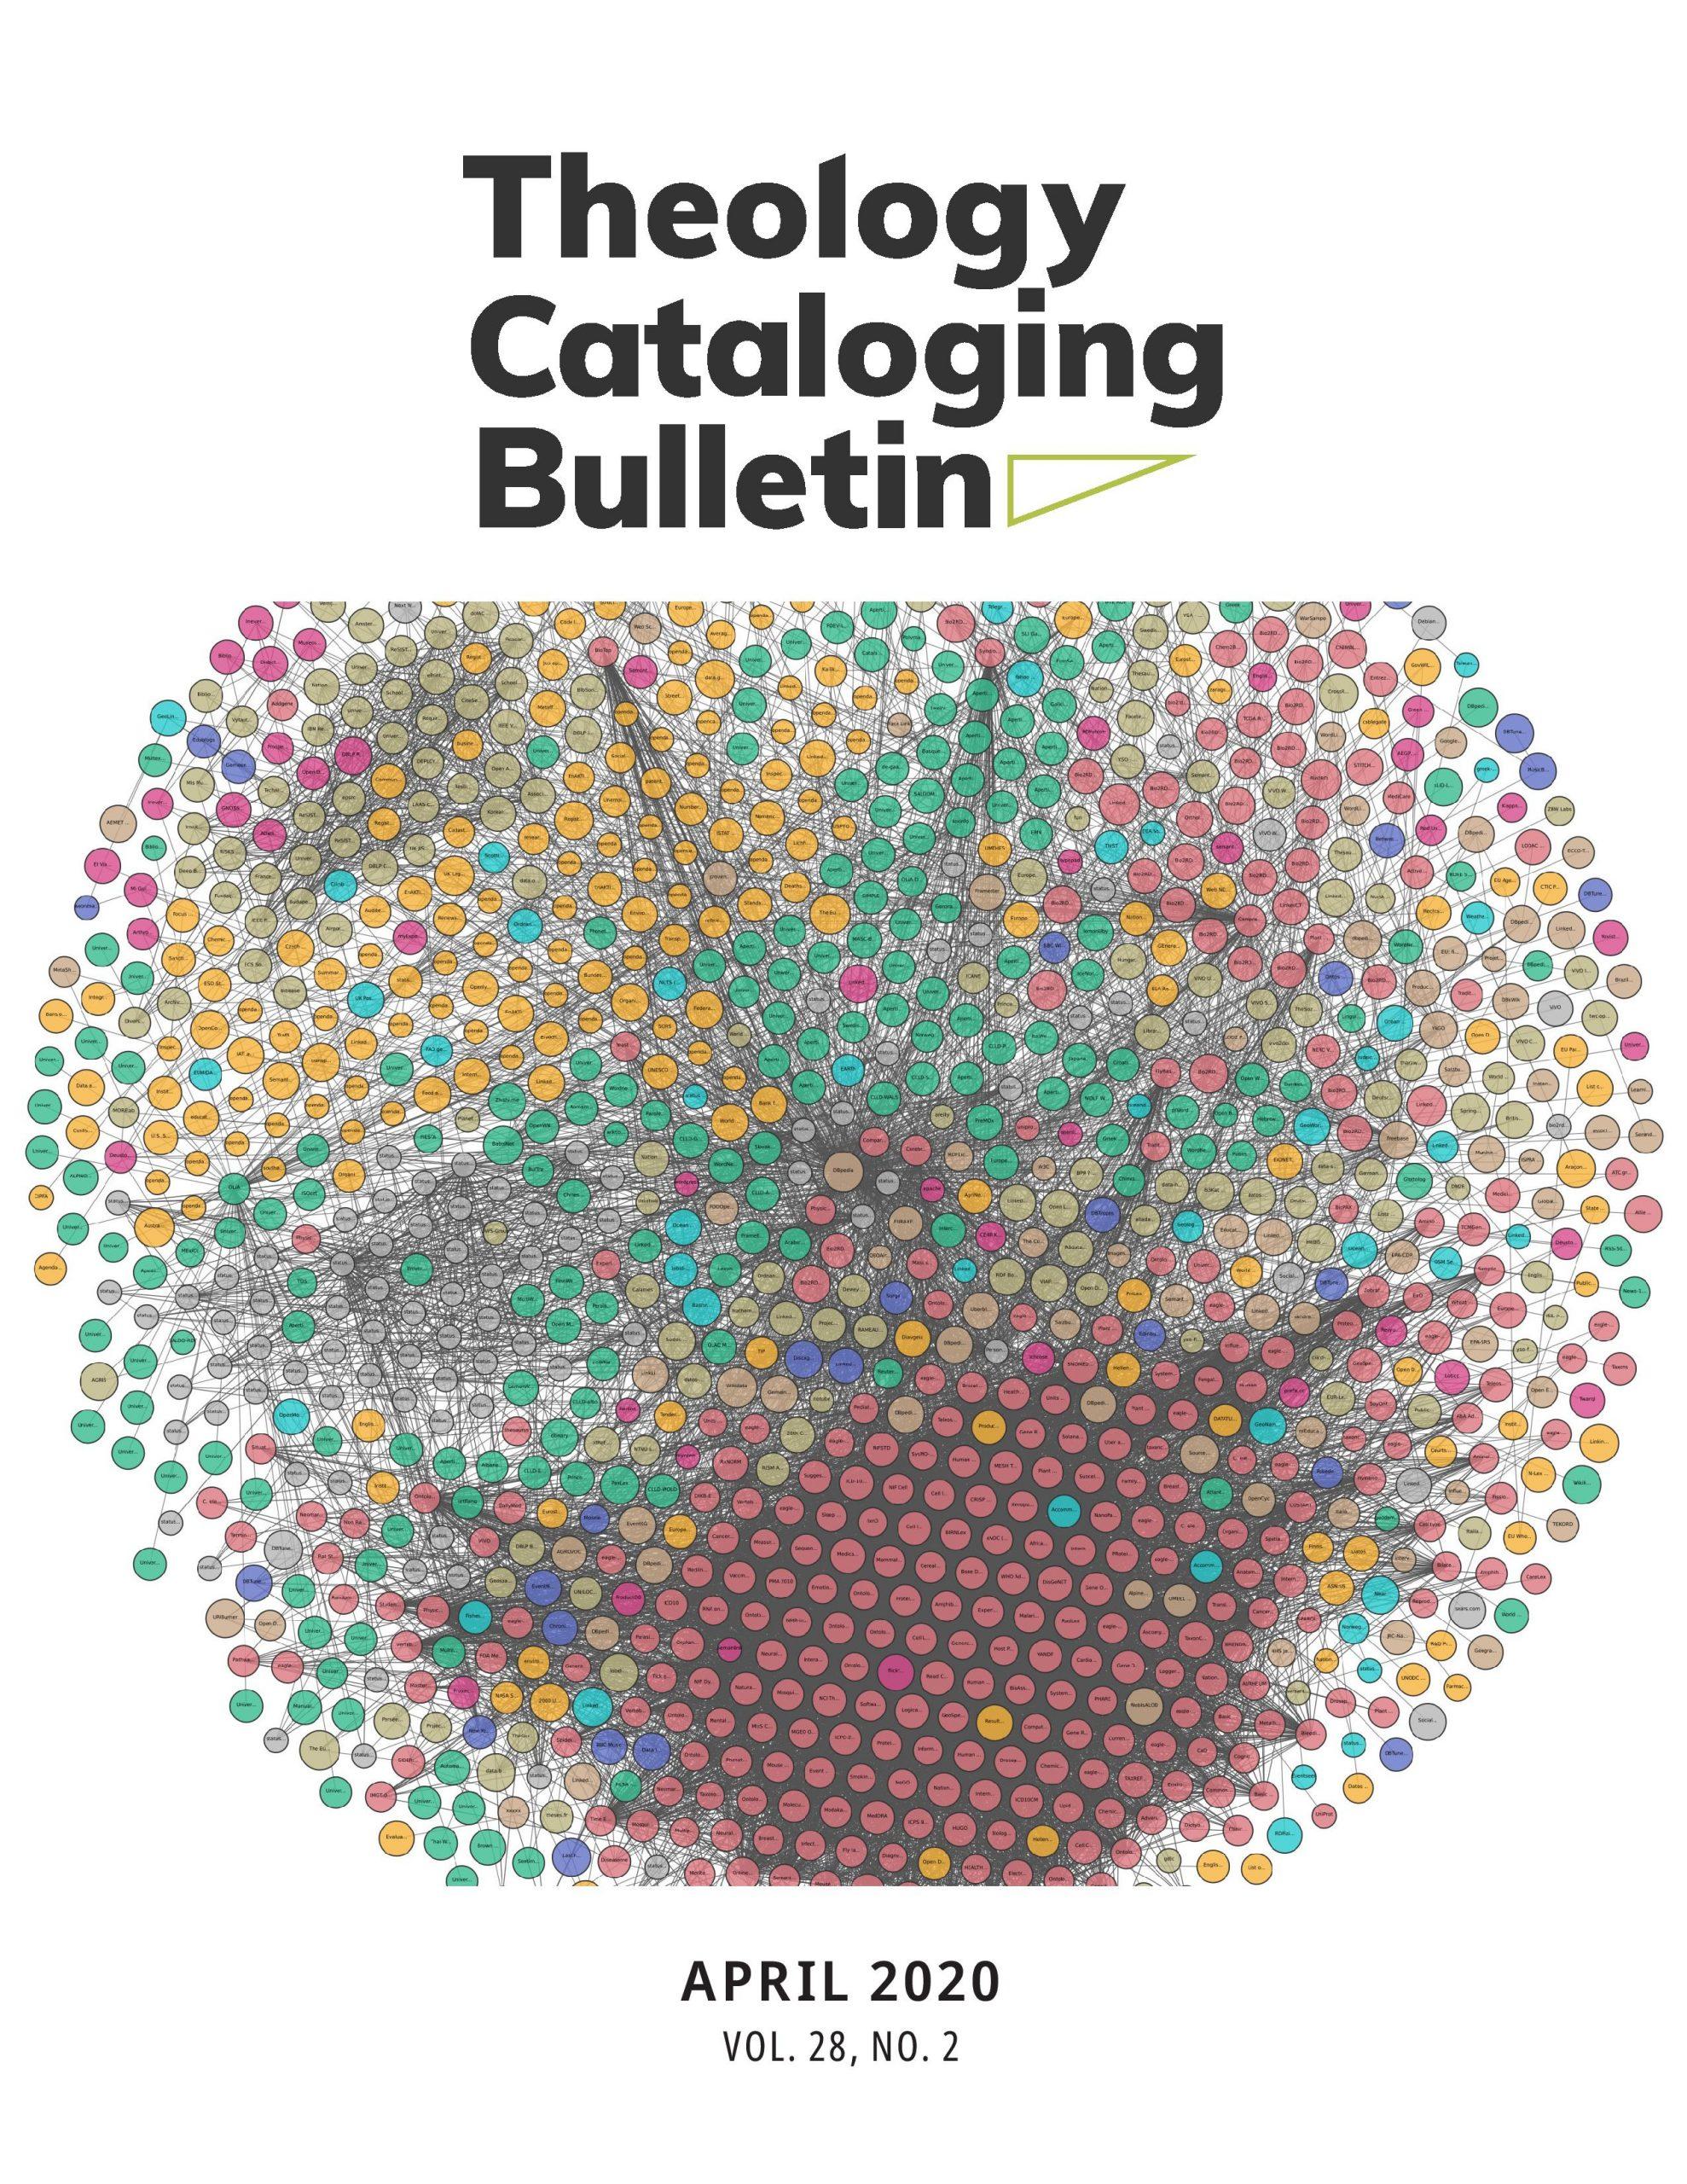 Theology Cataloging Bulletin April